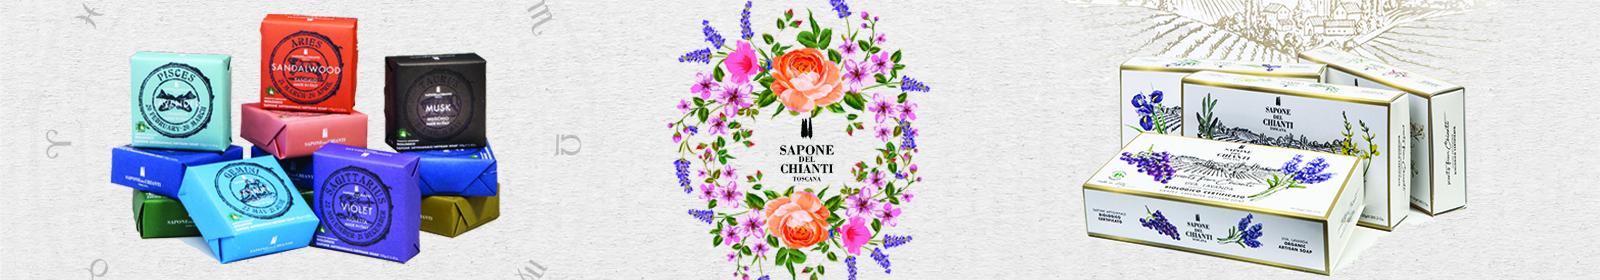 cosmetice/baie-si-corp sapone_del_chianti_toscana